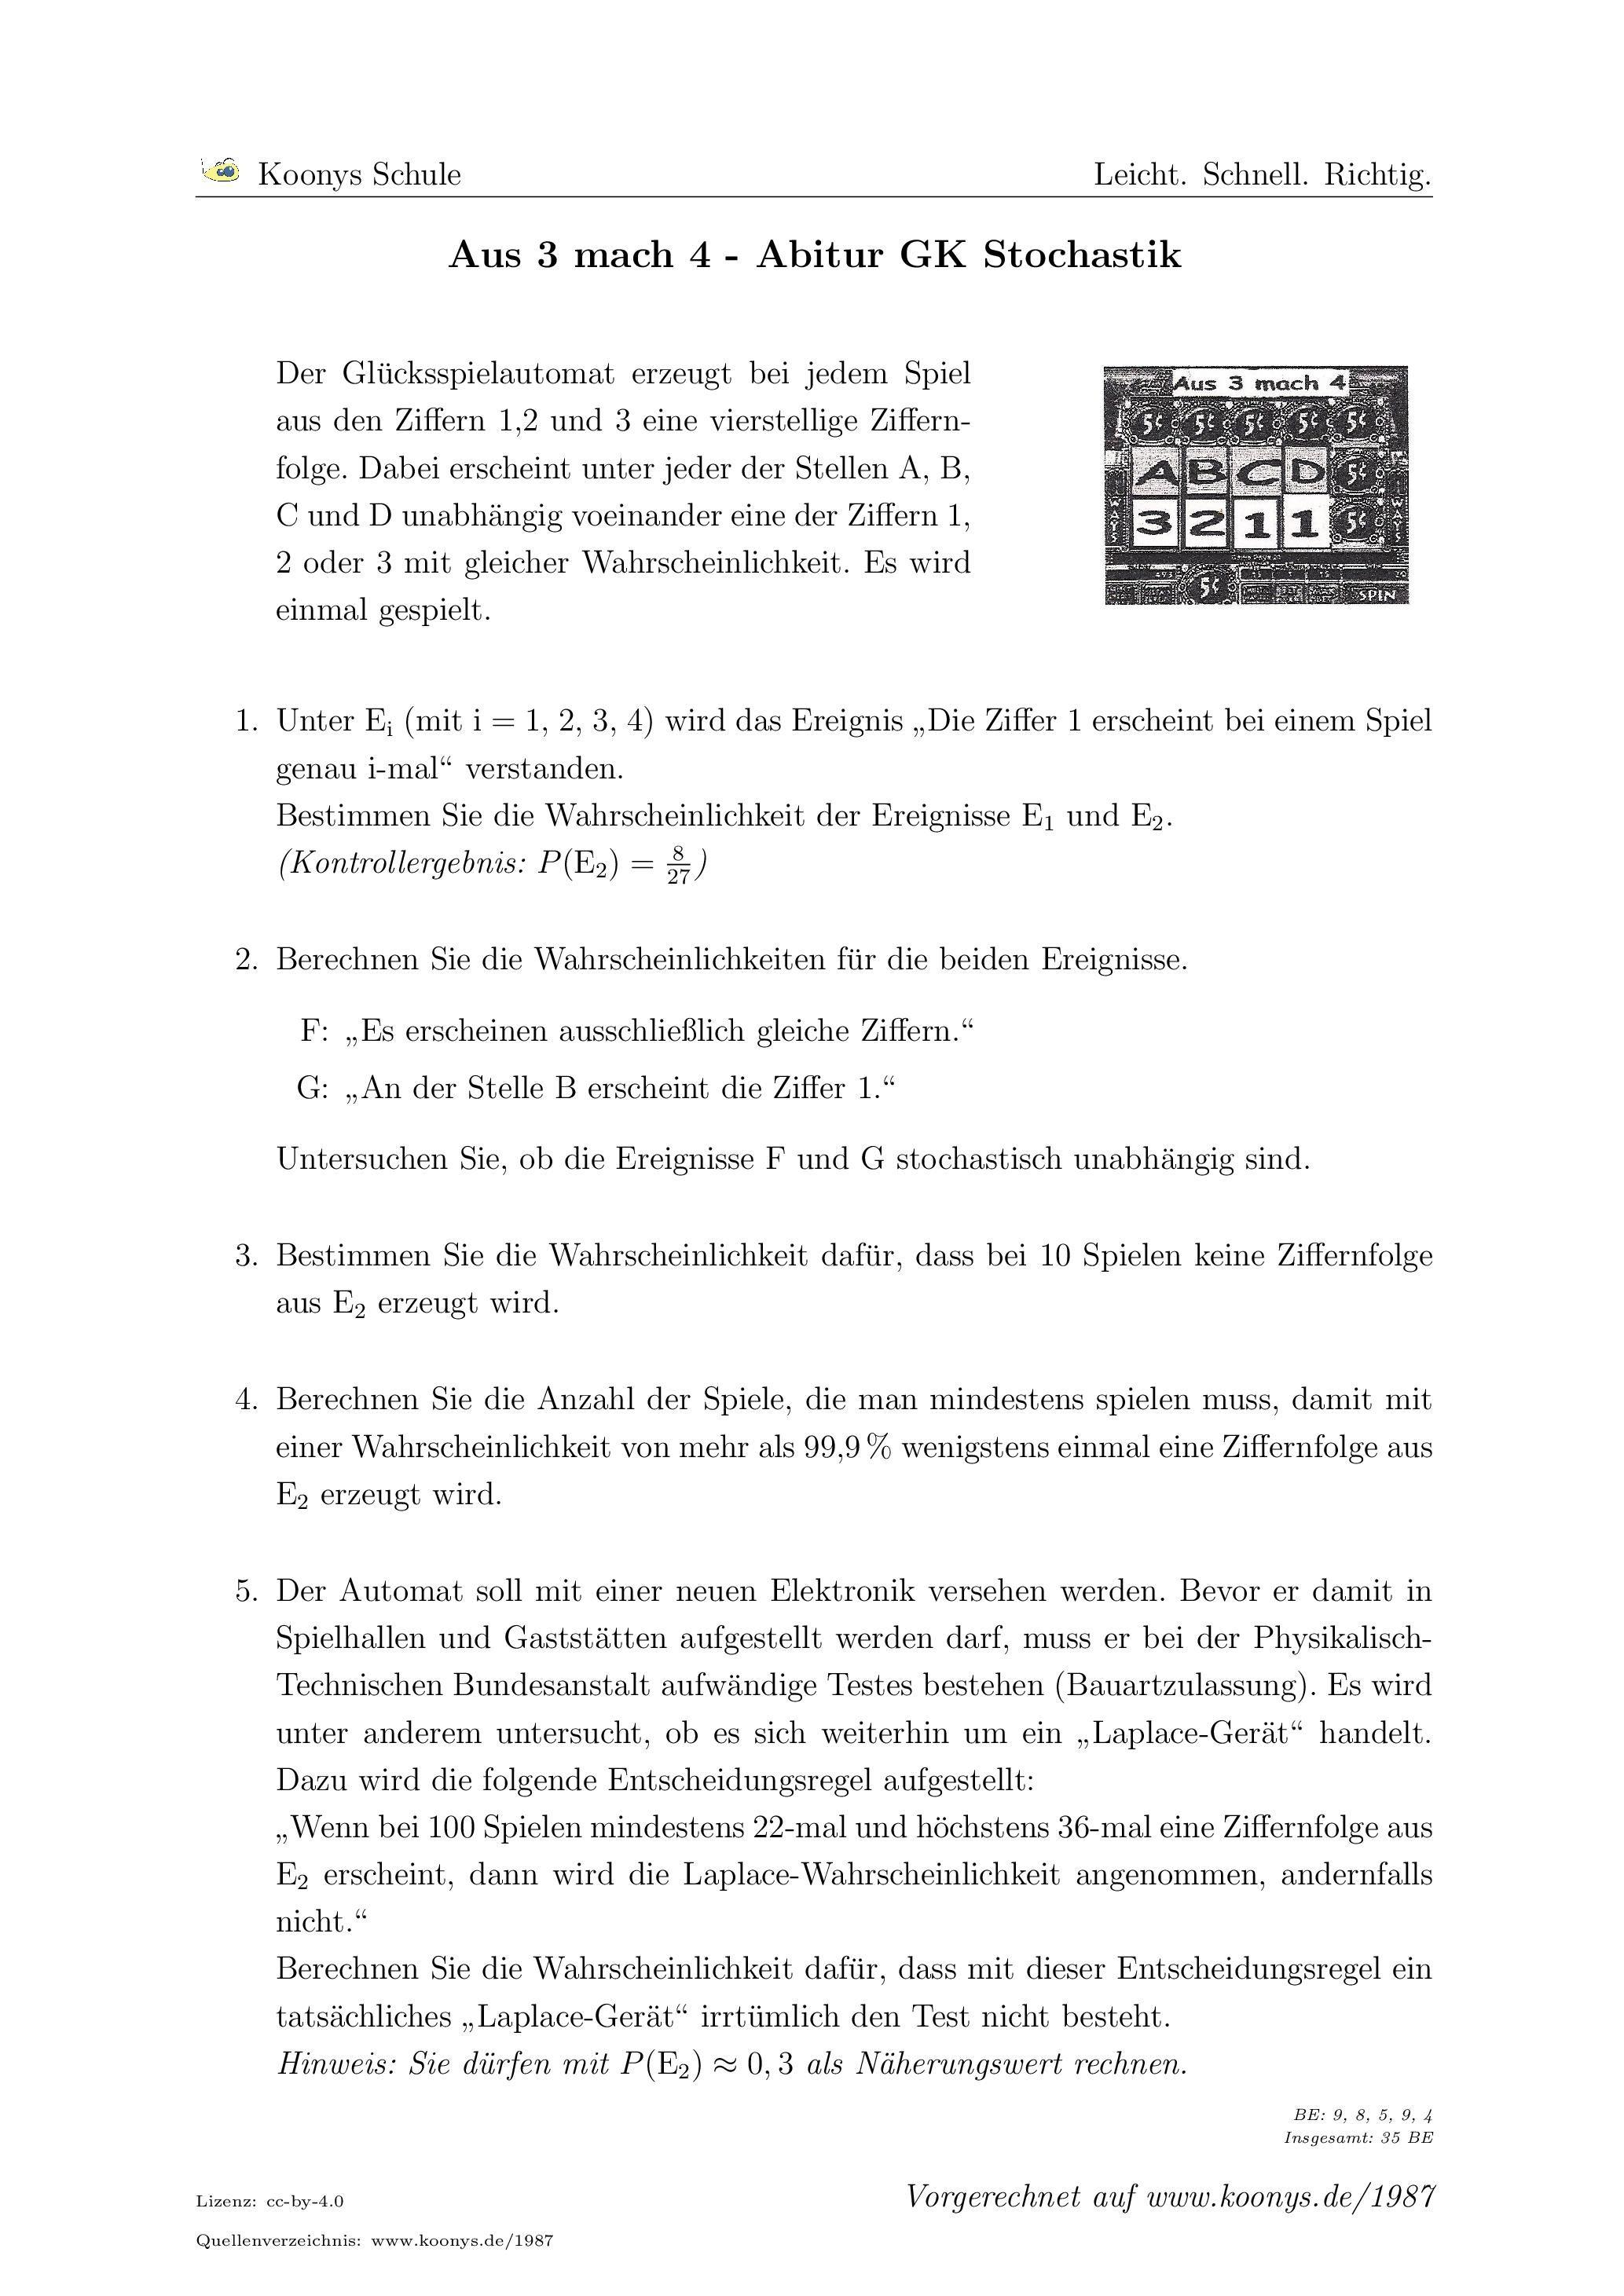 Aus 3 mach 4 Abitur GK Berlin 2008. Alle Aufgaben auf www.koonys.de ...